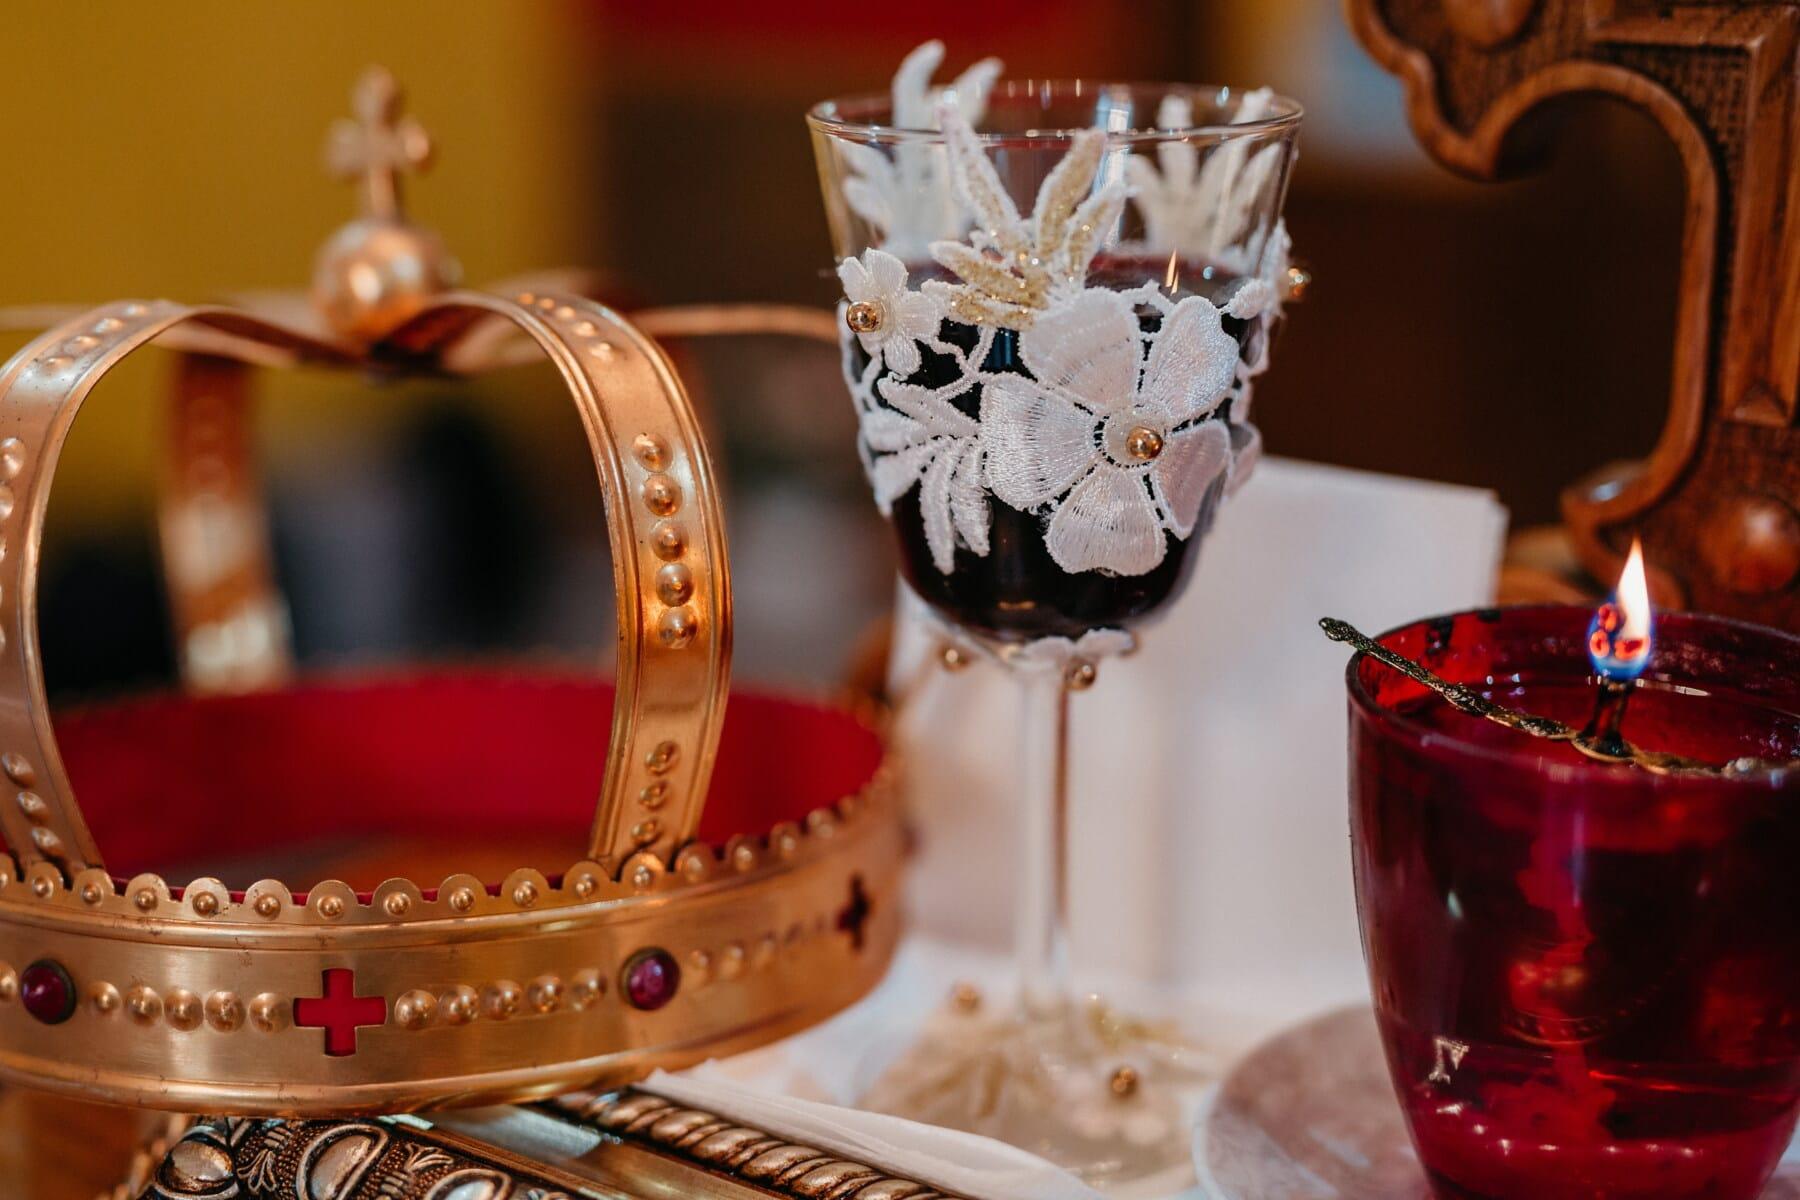 couronnement, Couronne, vin rouge, aux chandelles, religieux, cérémonie, bougie, Design d'intérieur, mariage, romance